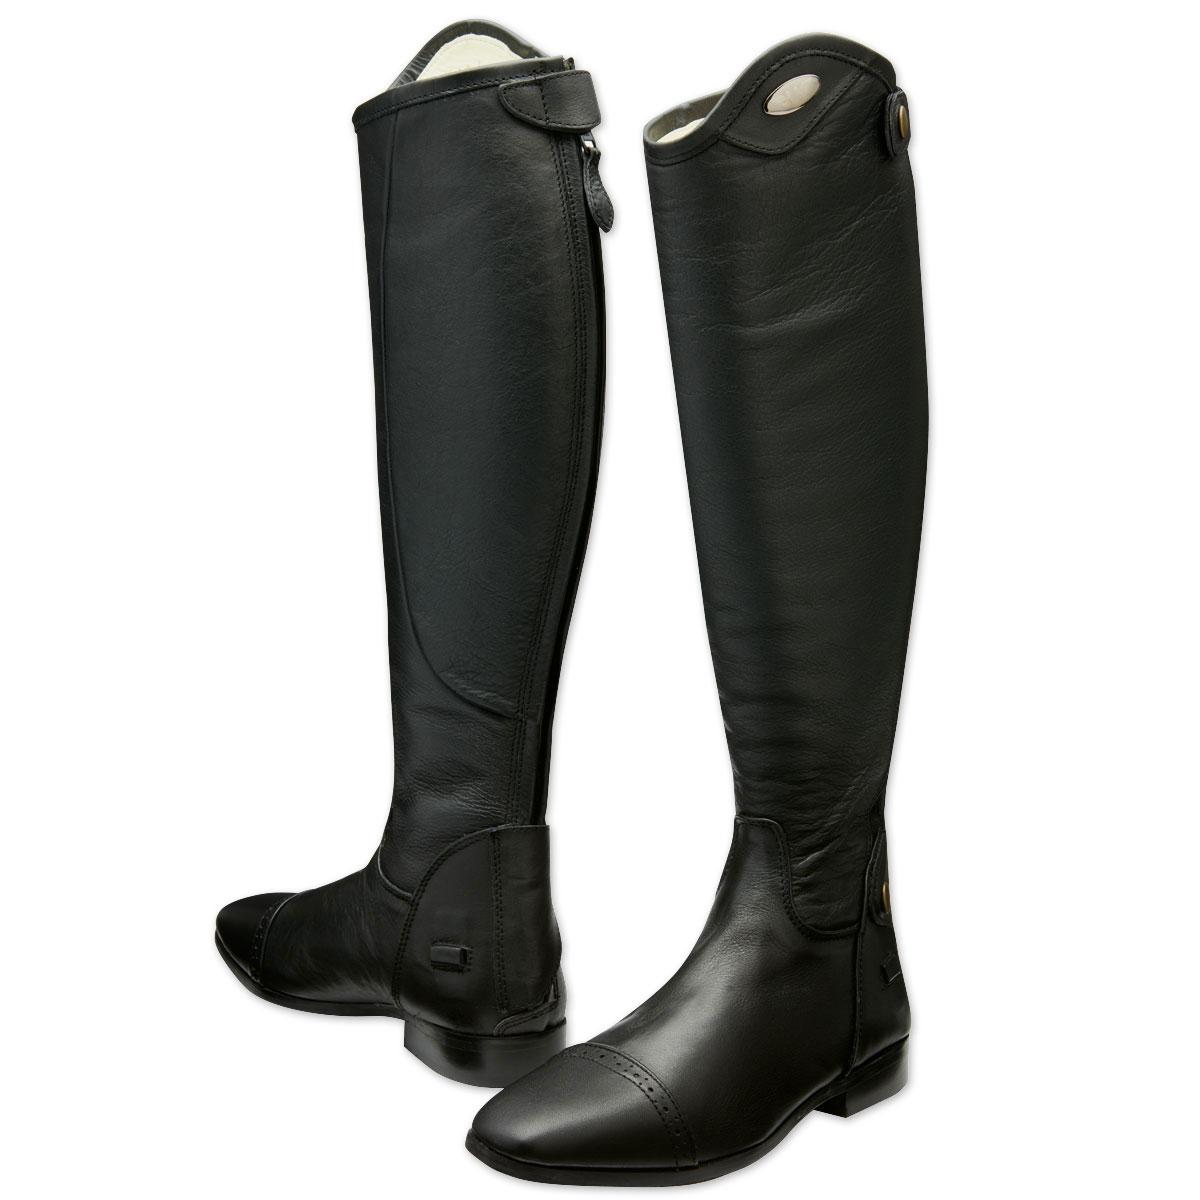 Tuff Rider Regal Dress Boot